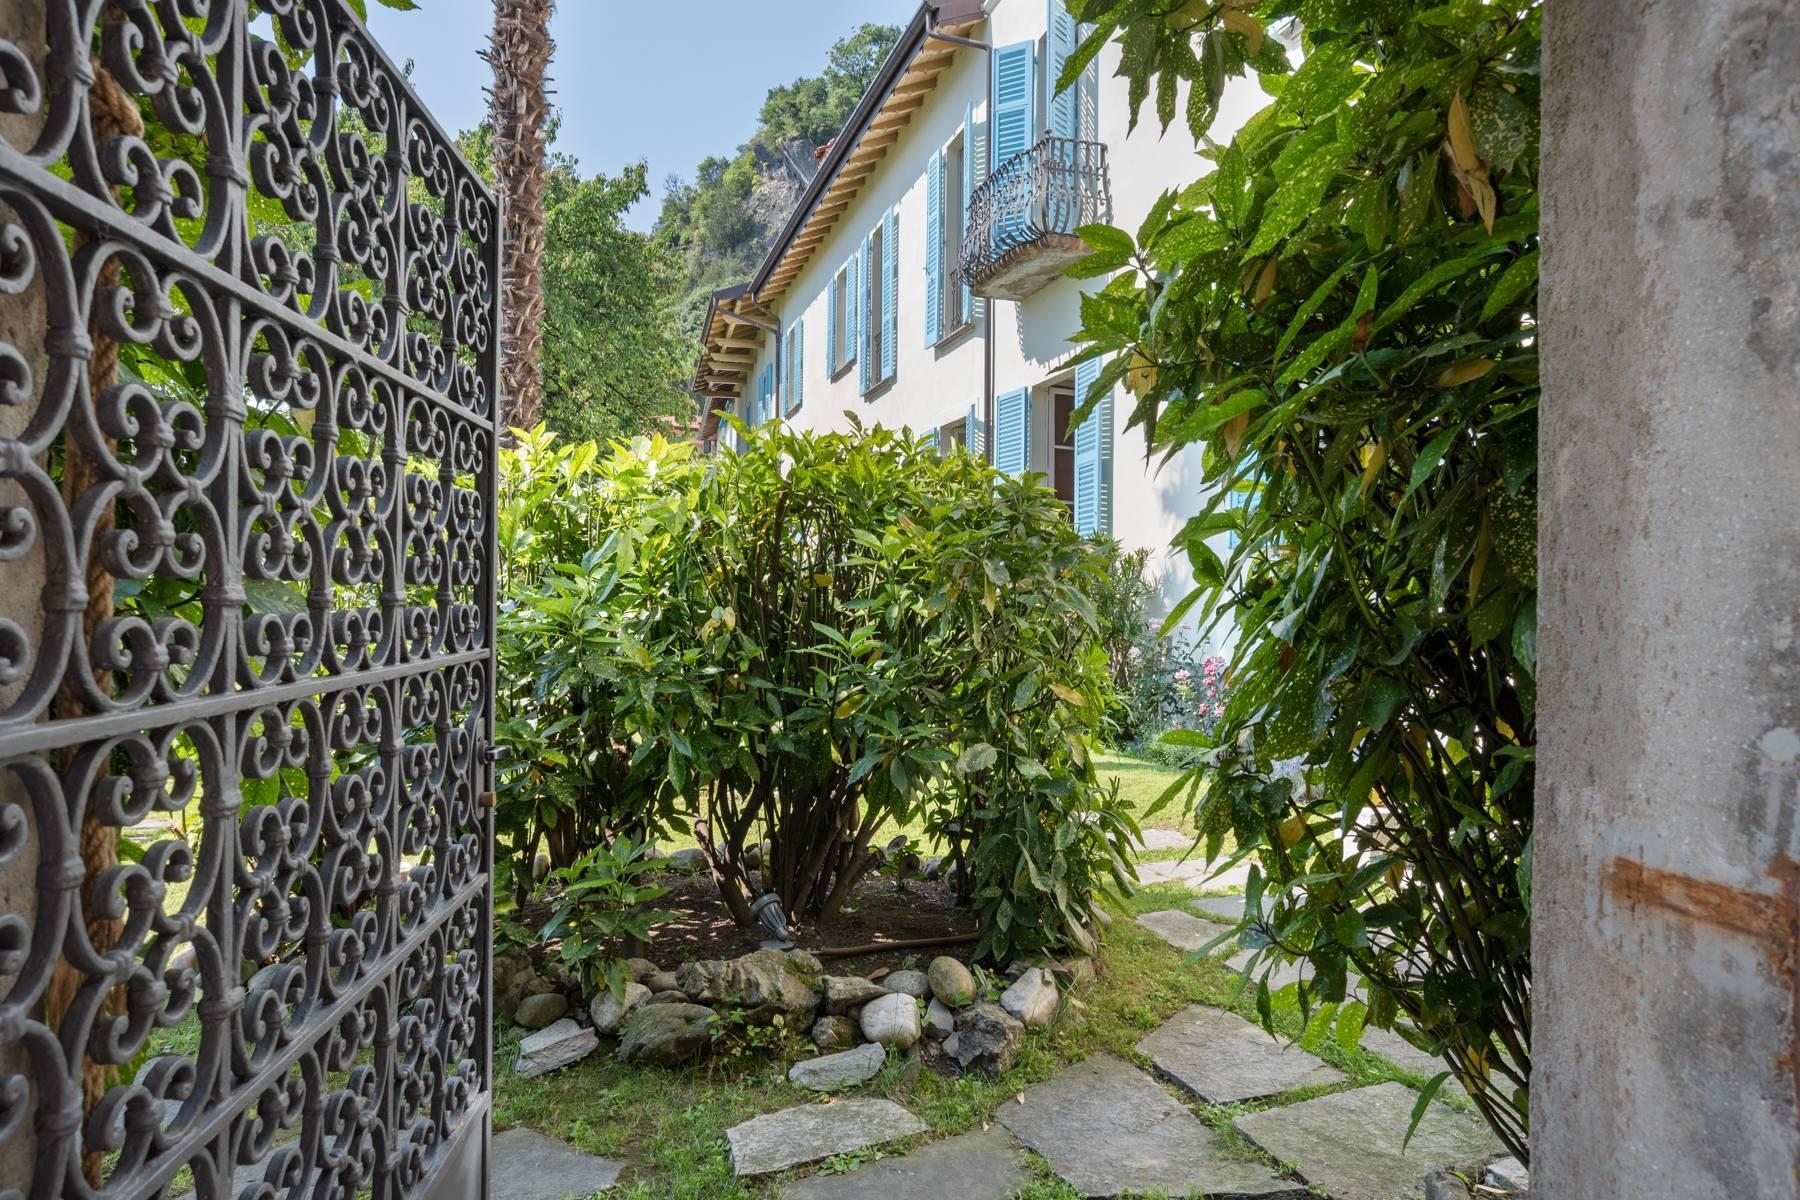 Casa storica direttamente sul lago Maggiore - 10